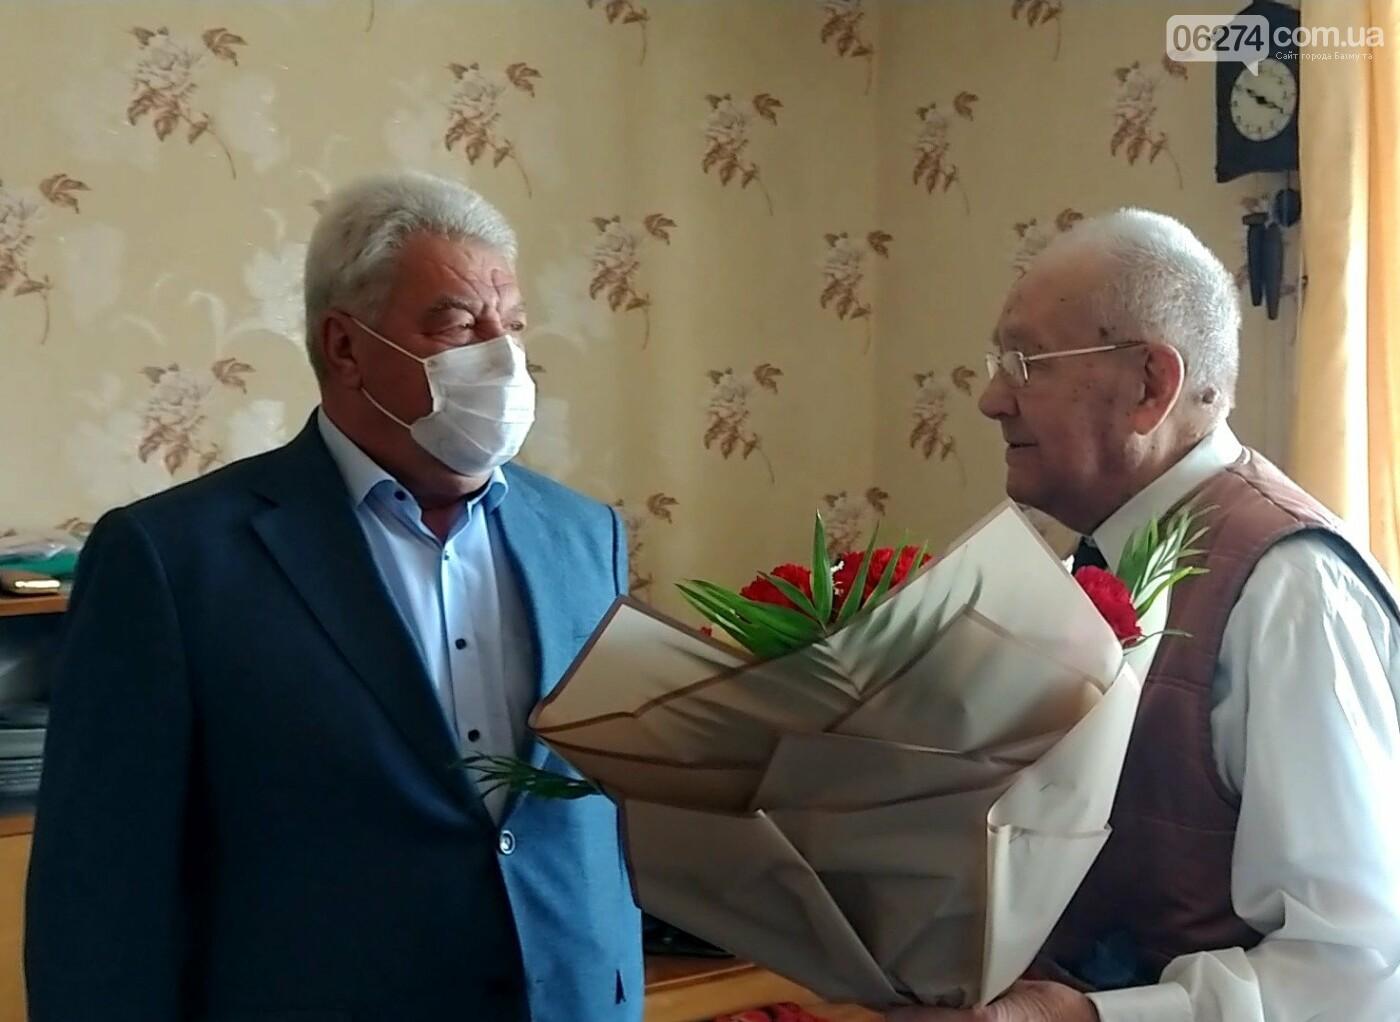 Мэр Бахмута поздравил ветеранов Второй мировой с 75-летием Победы, фото-3